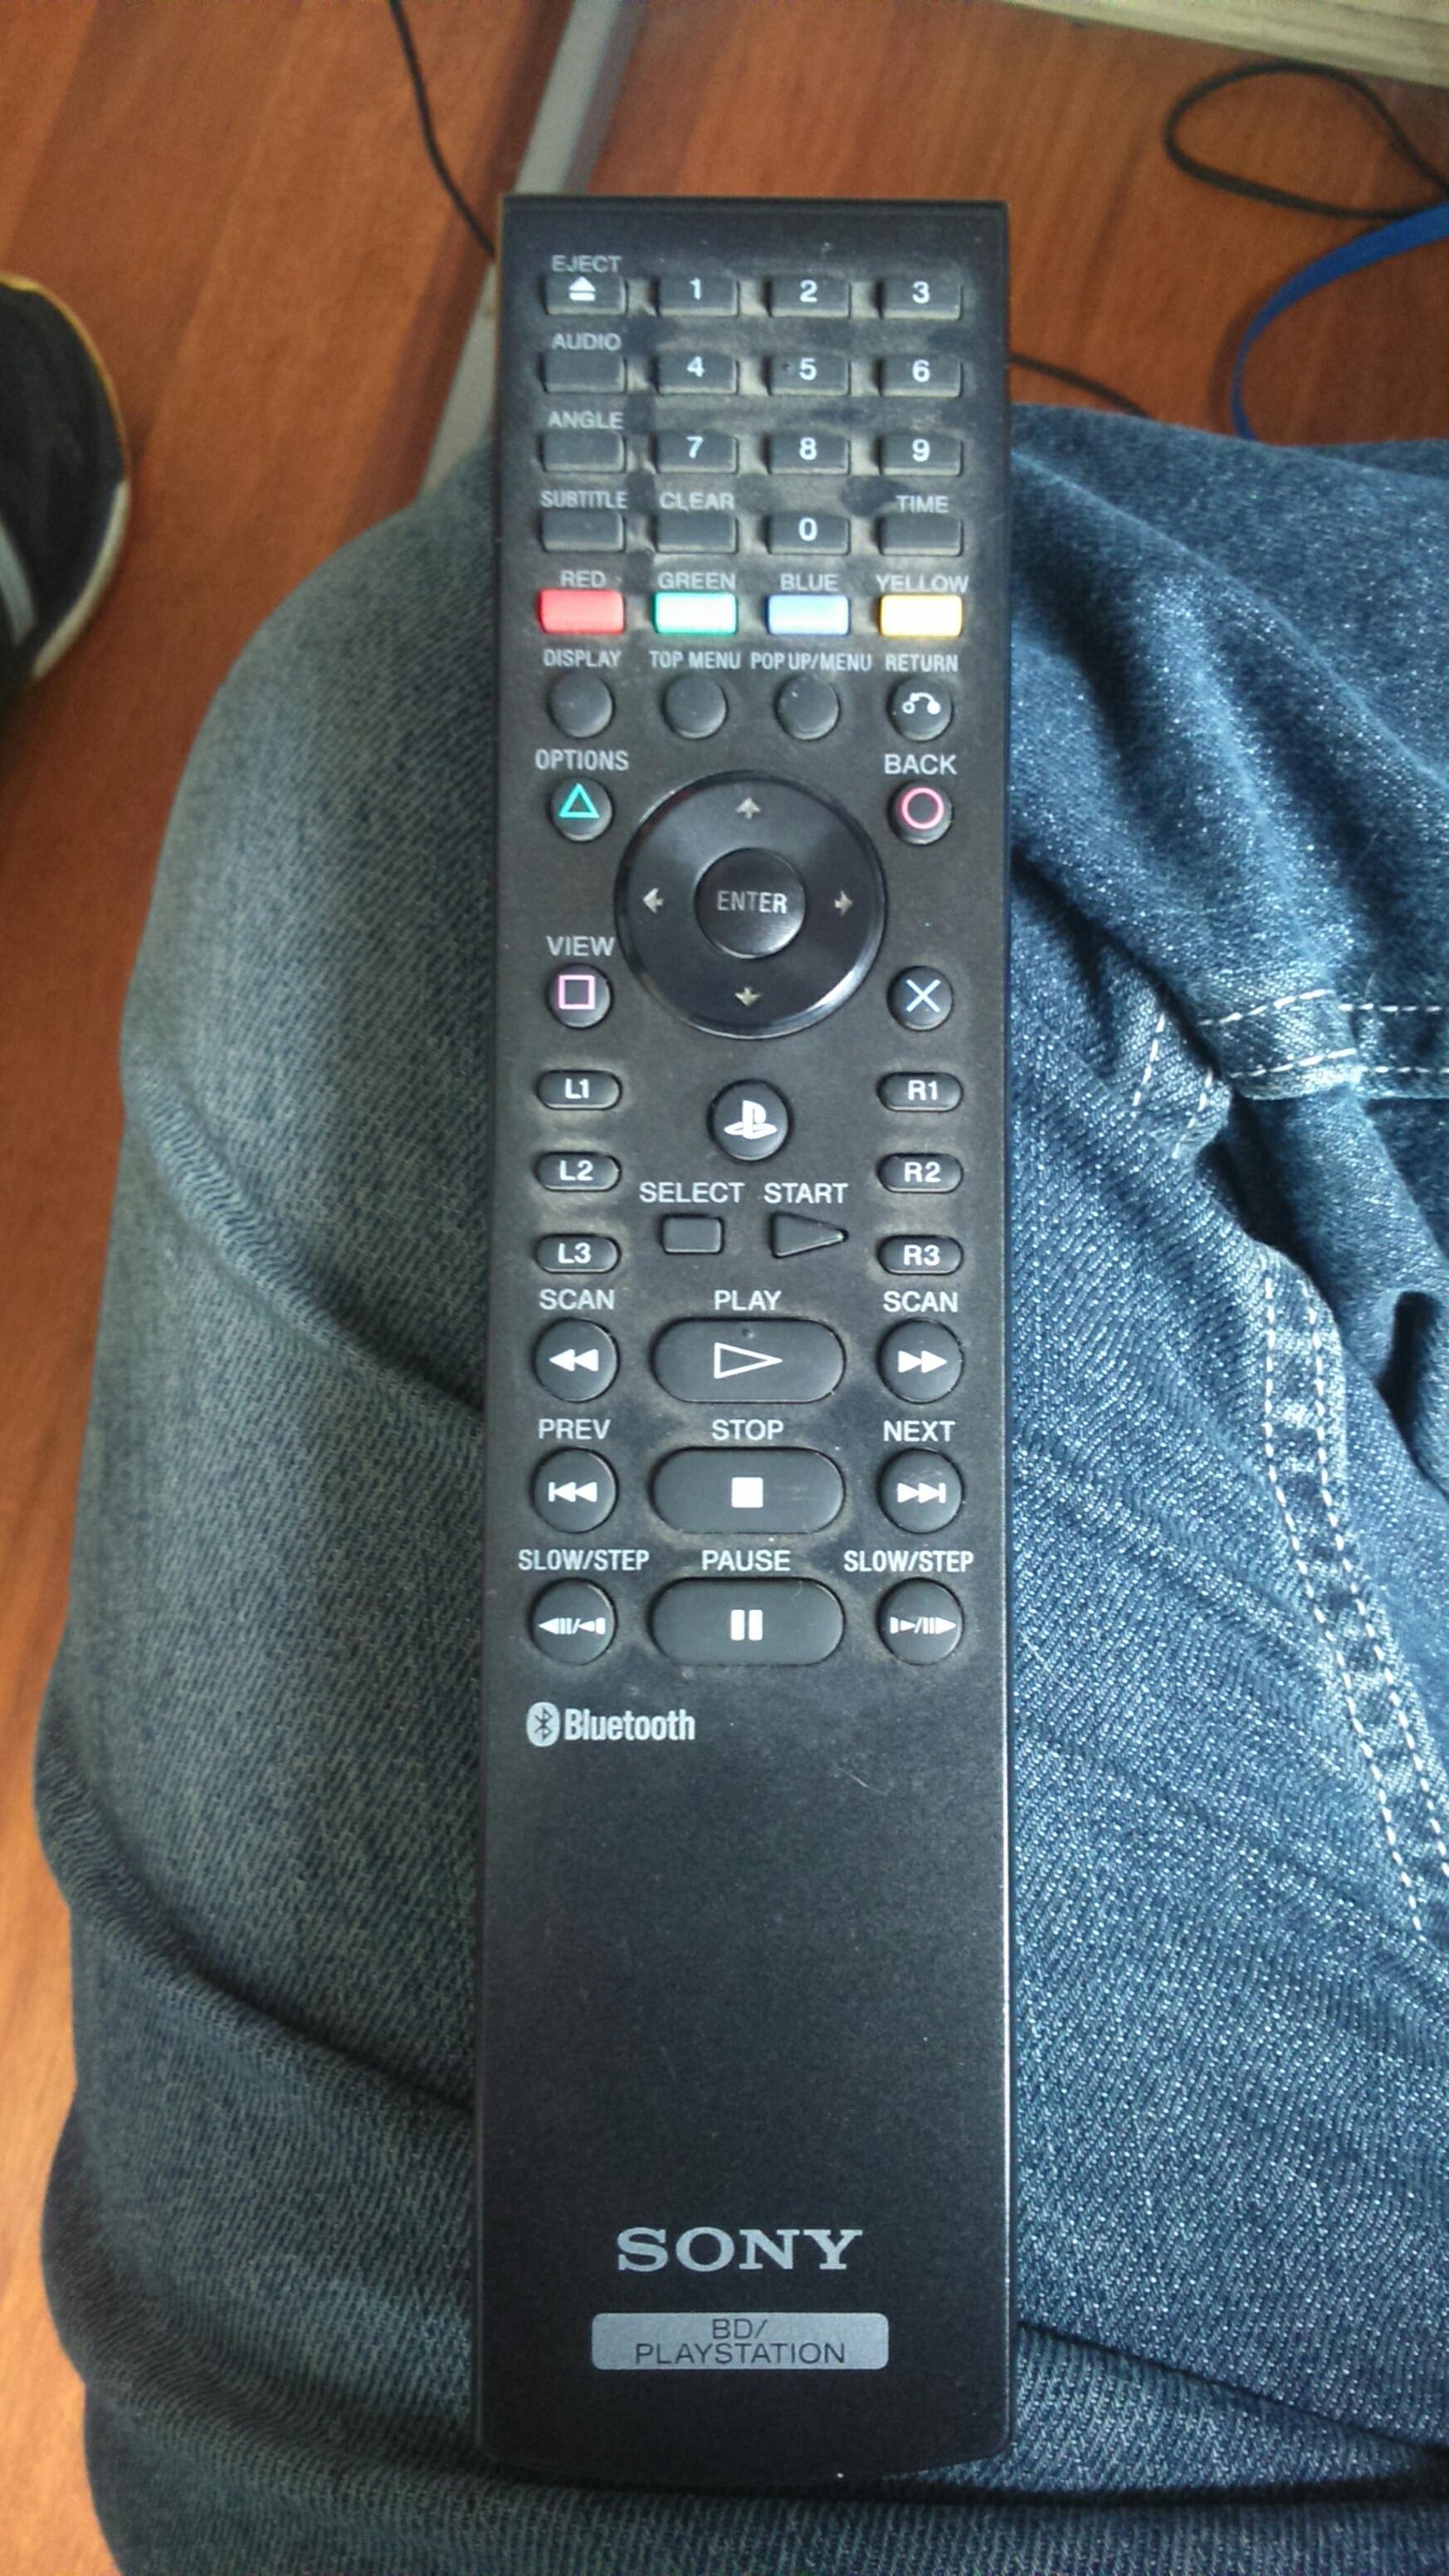 PS3 Remote Control